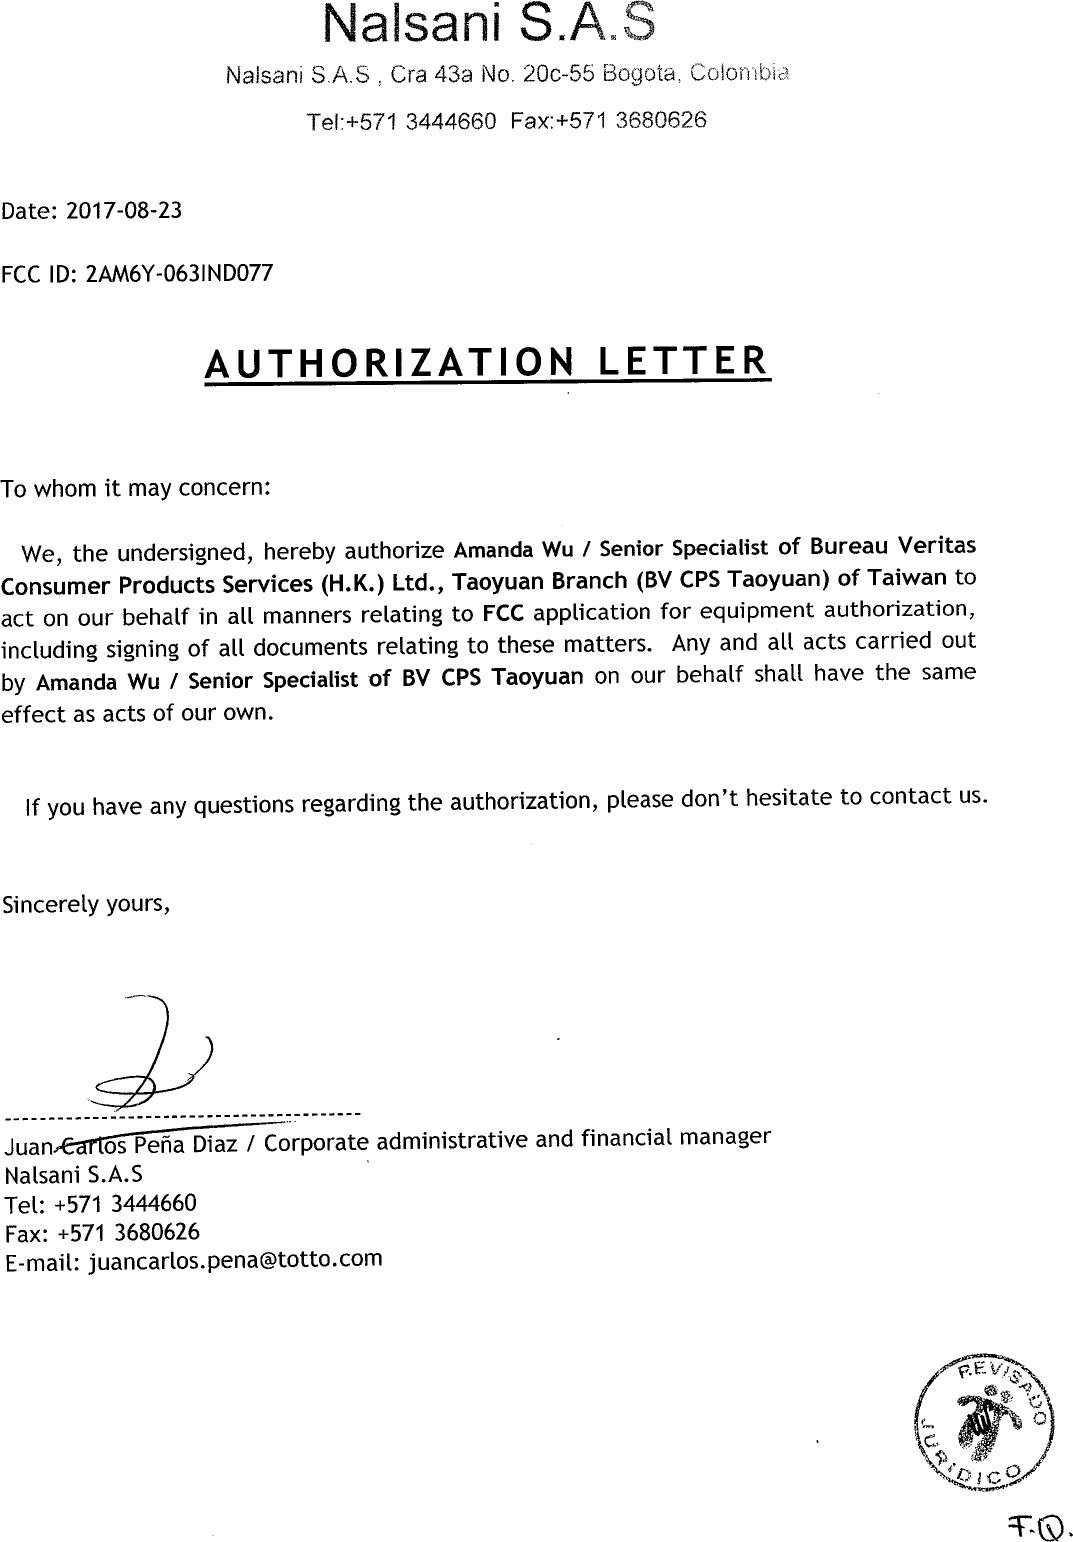 canada revenue agency cctb application